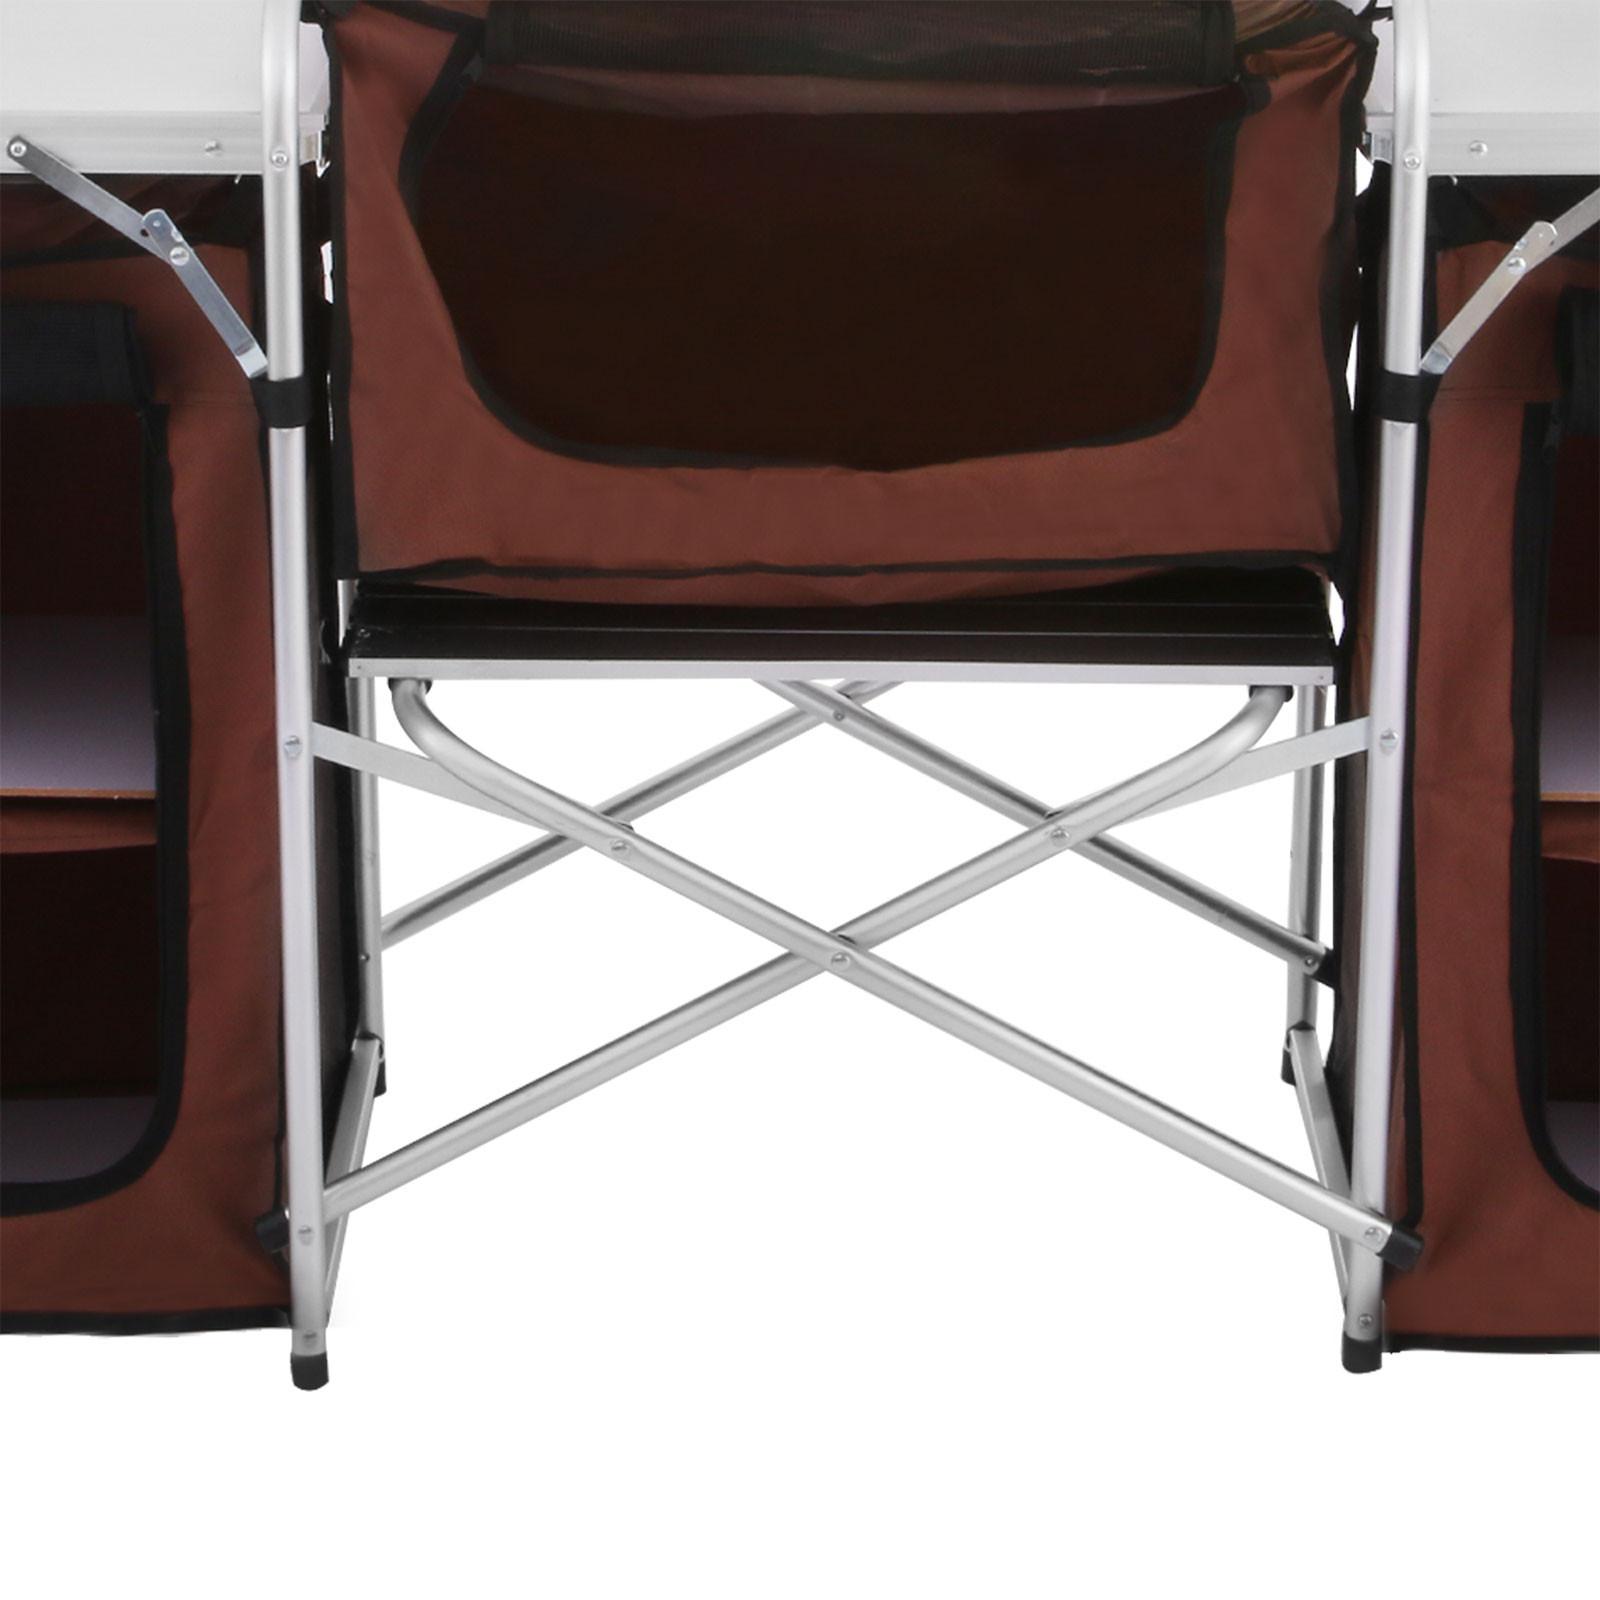 Pliable-Cuisine-de-Camping-Meuble-de-Rangement-Portable-Exterieur-Cuisine miniature 12